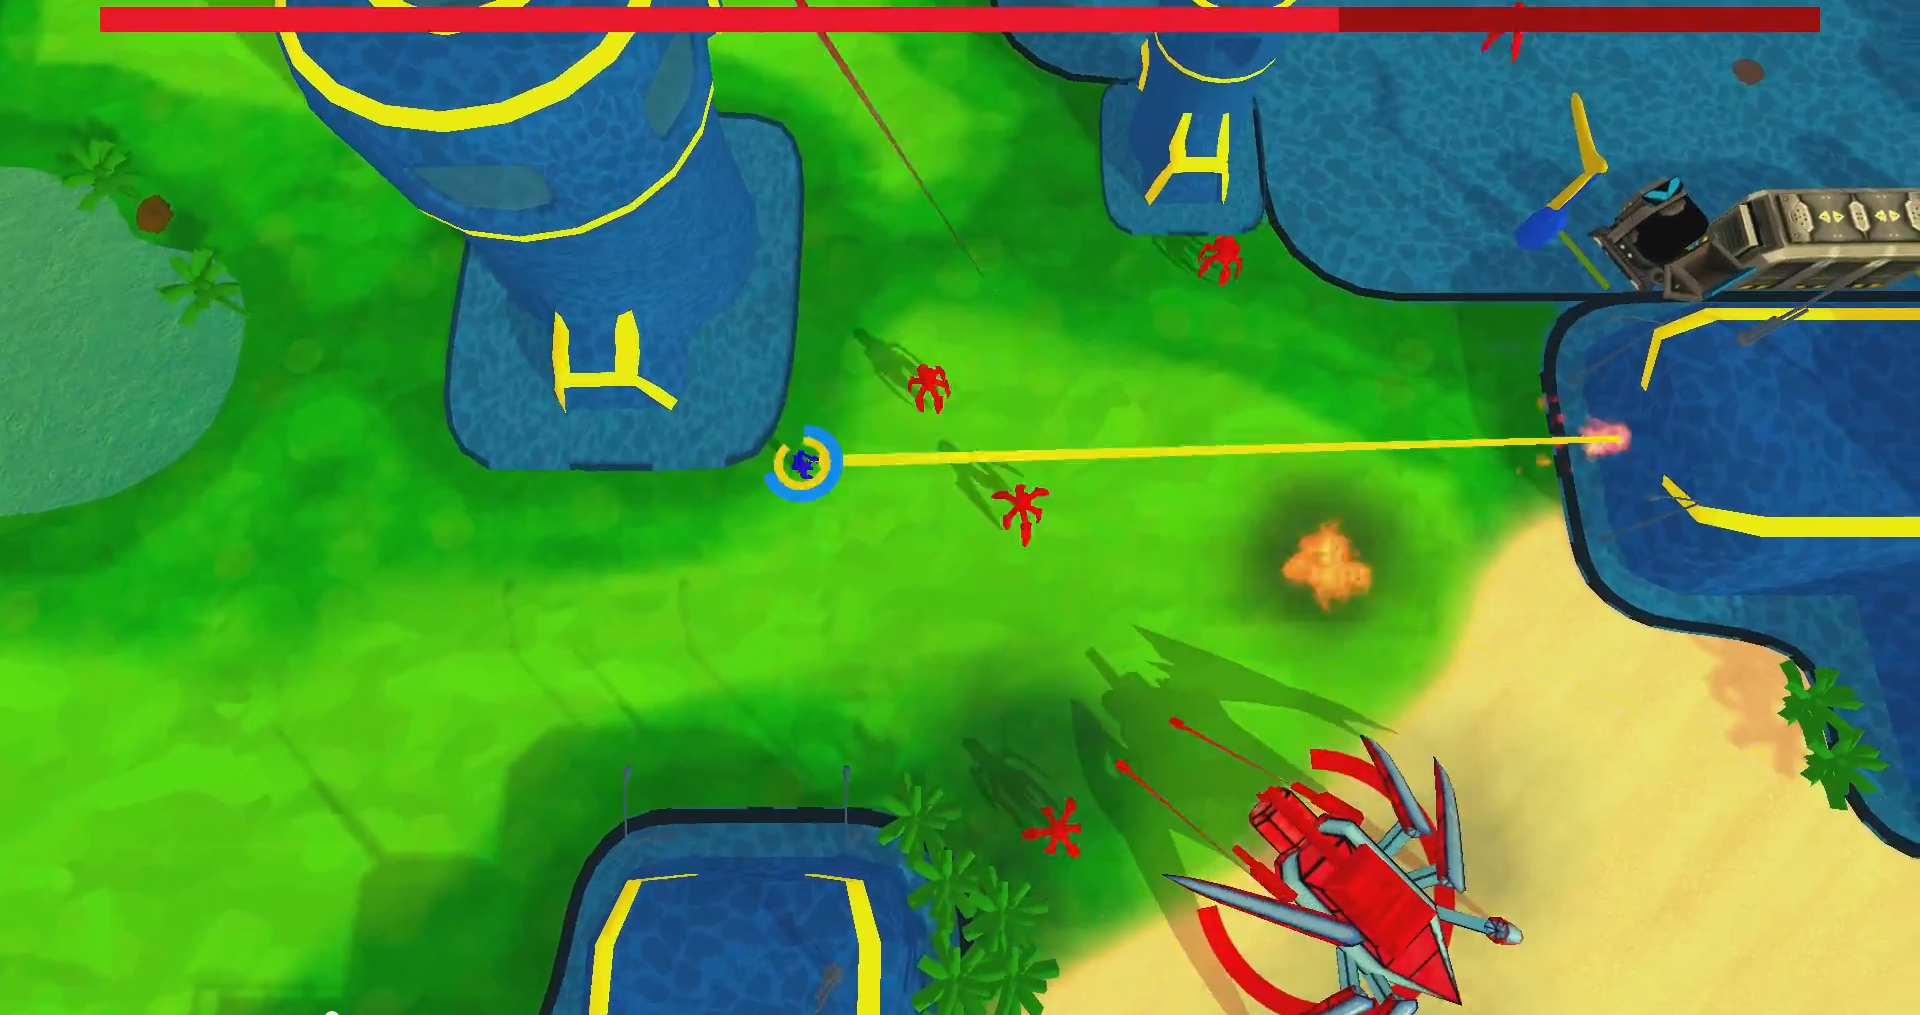 screenshot-boss-rush-01.png